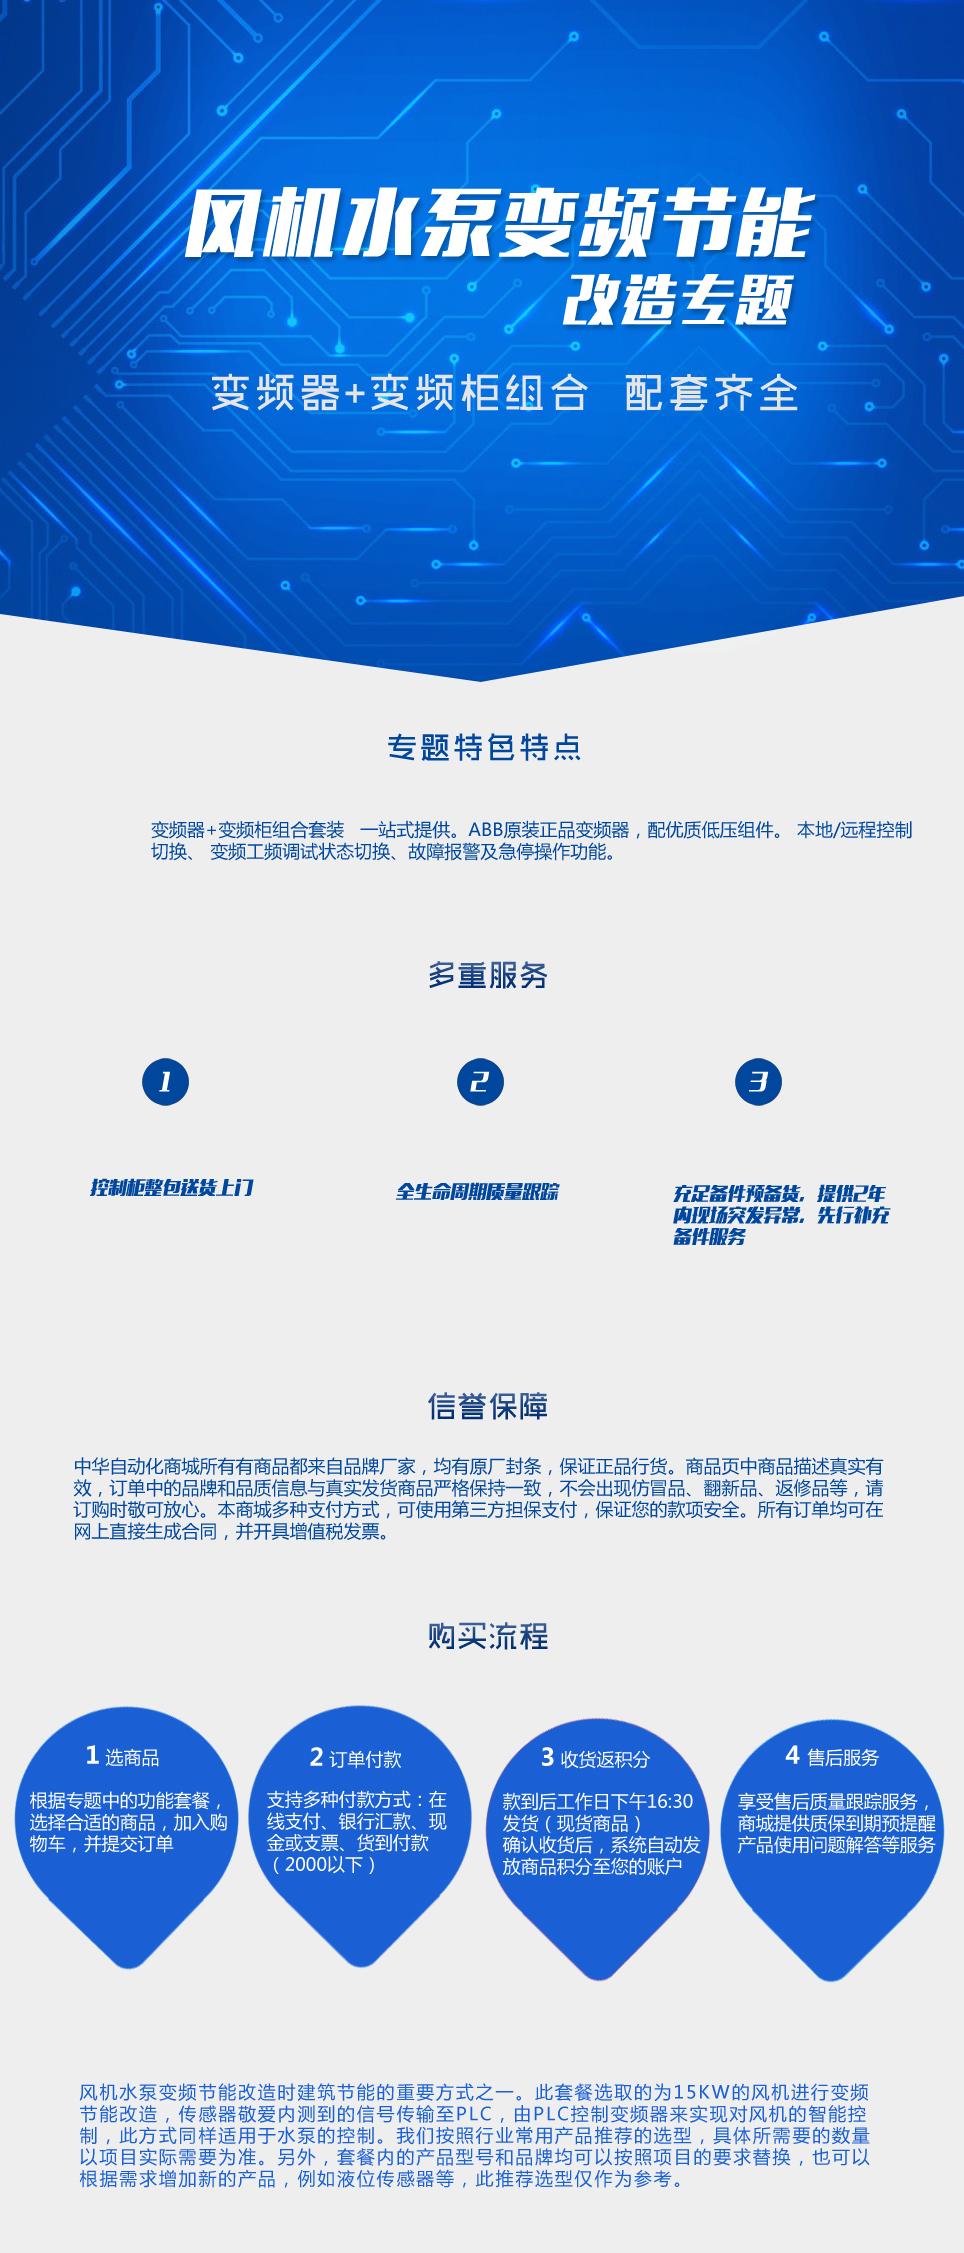 FJSB_0214中间小图.jpg